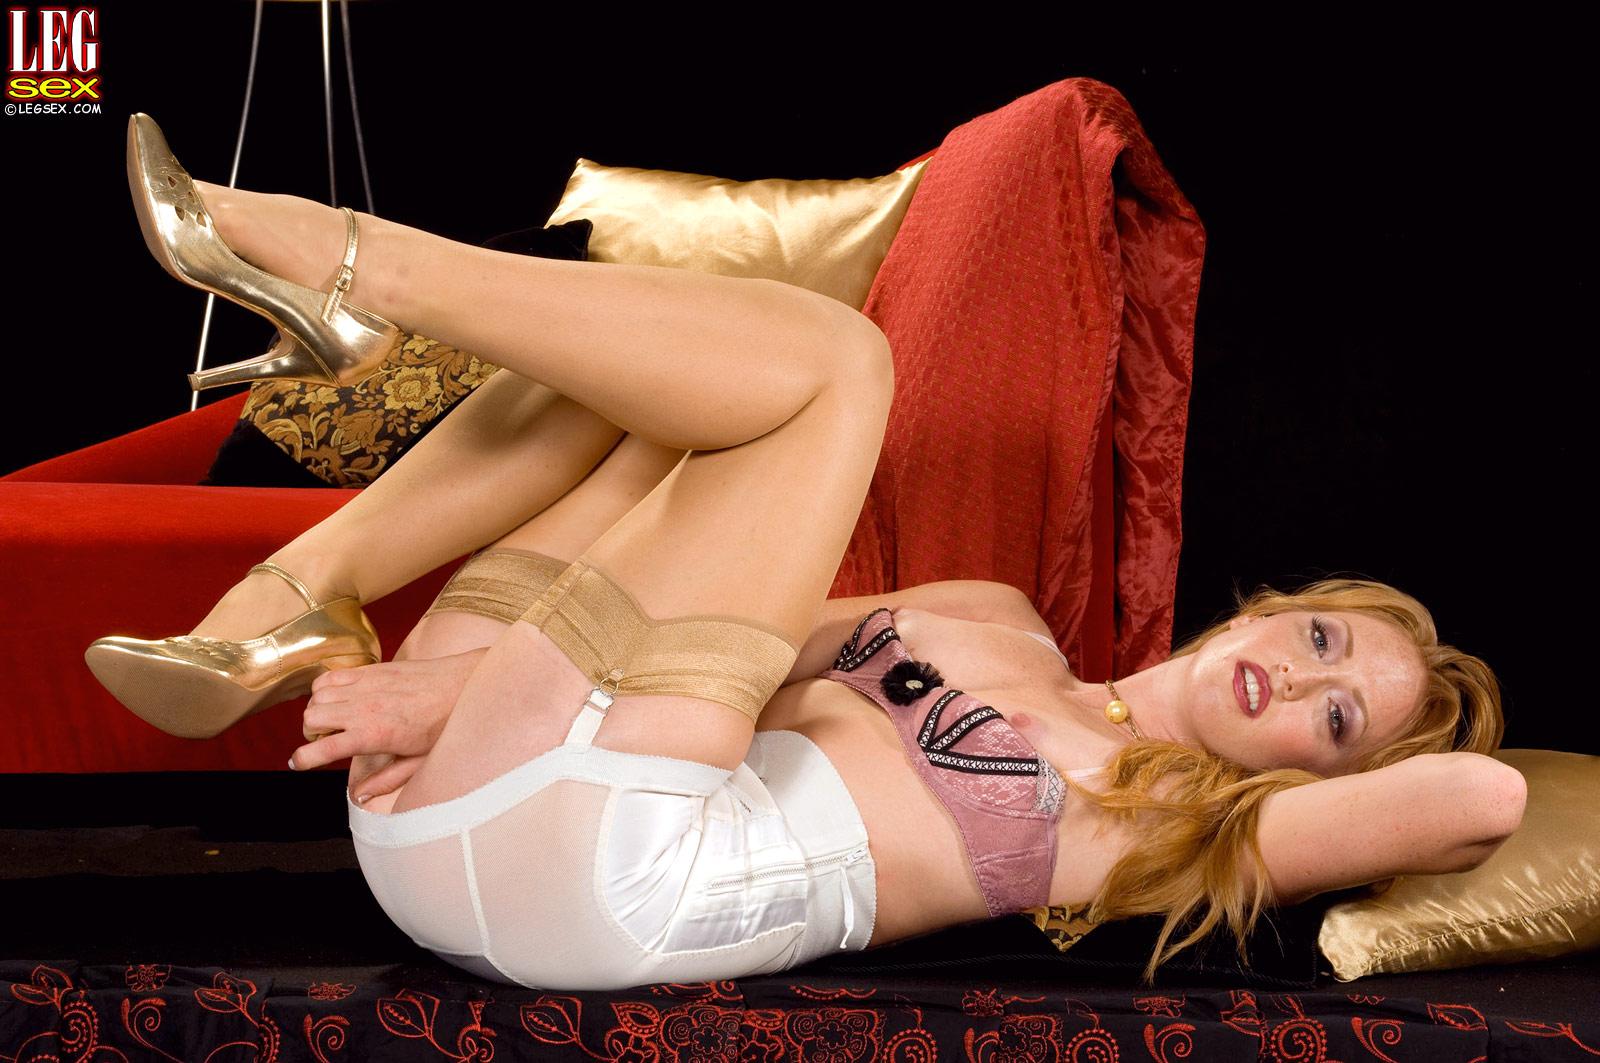 Super hot leg sex girlfriend